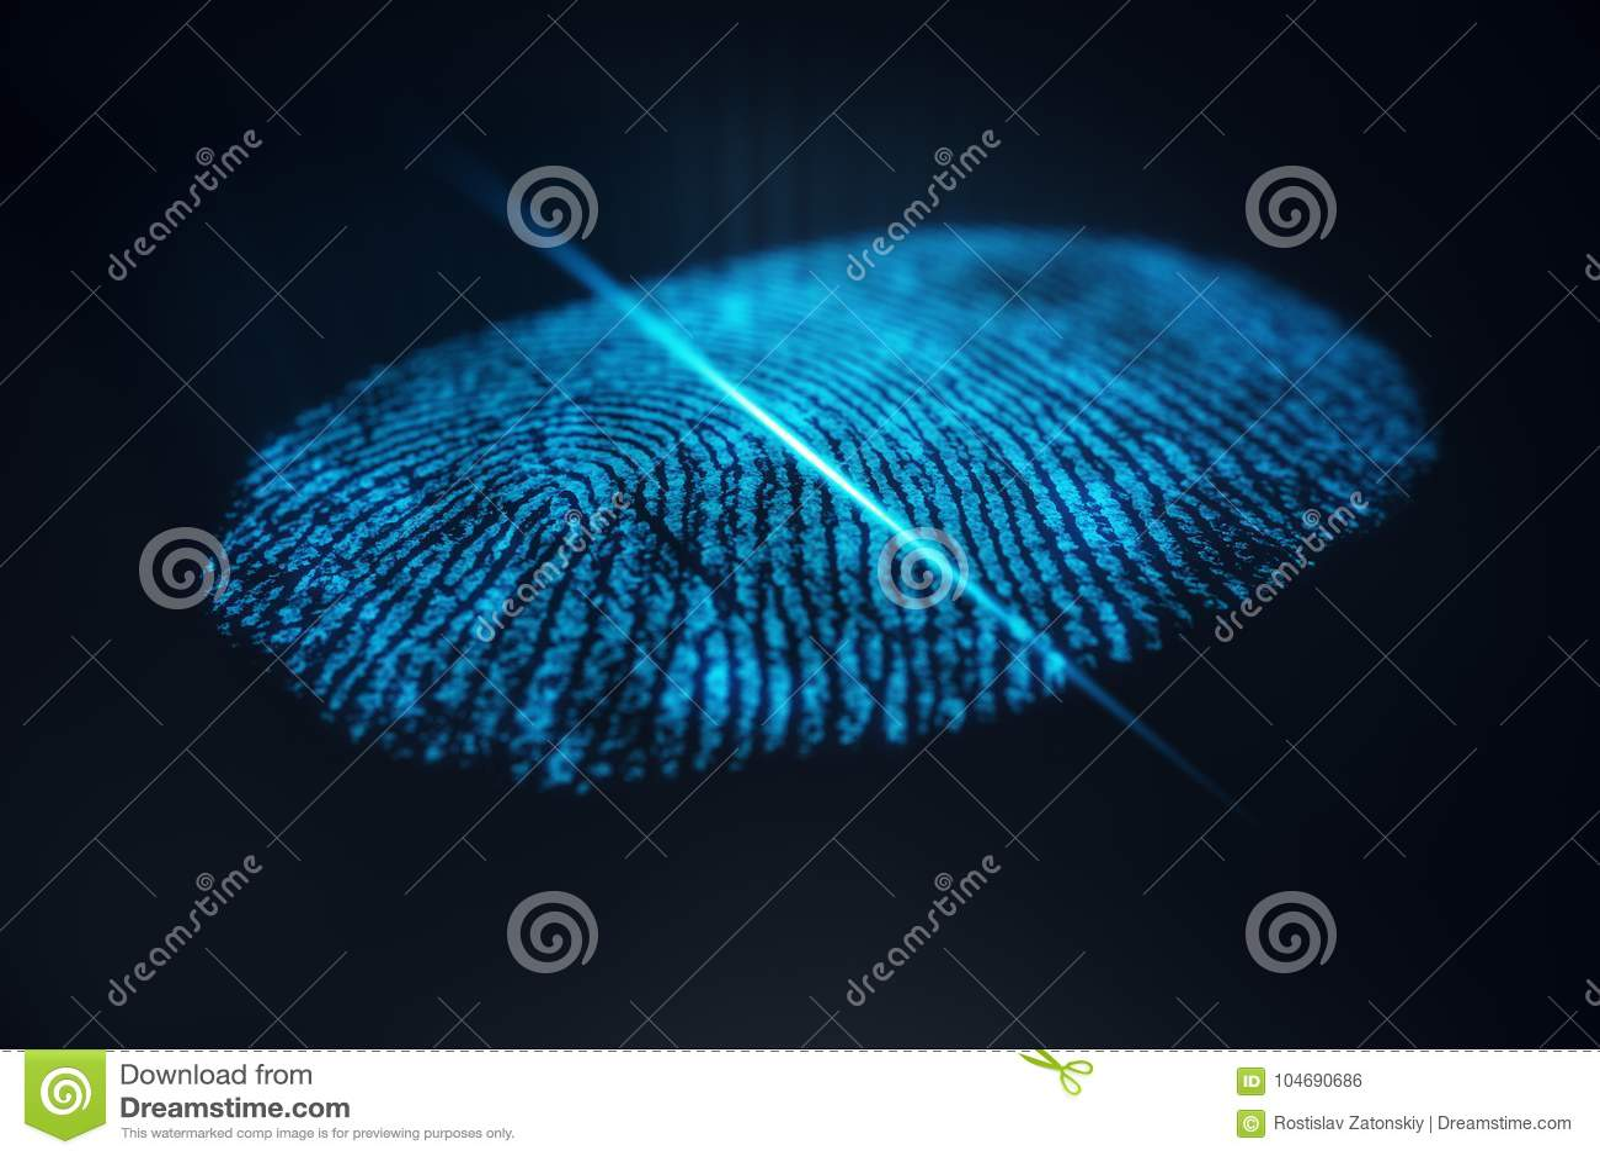 La exploración de la huella dactilar del ejemplo 3D provee del acceso de la seguridad la identificación de la biométrica Protecci